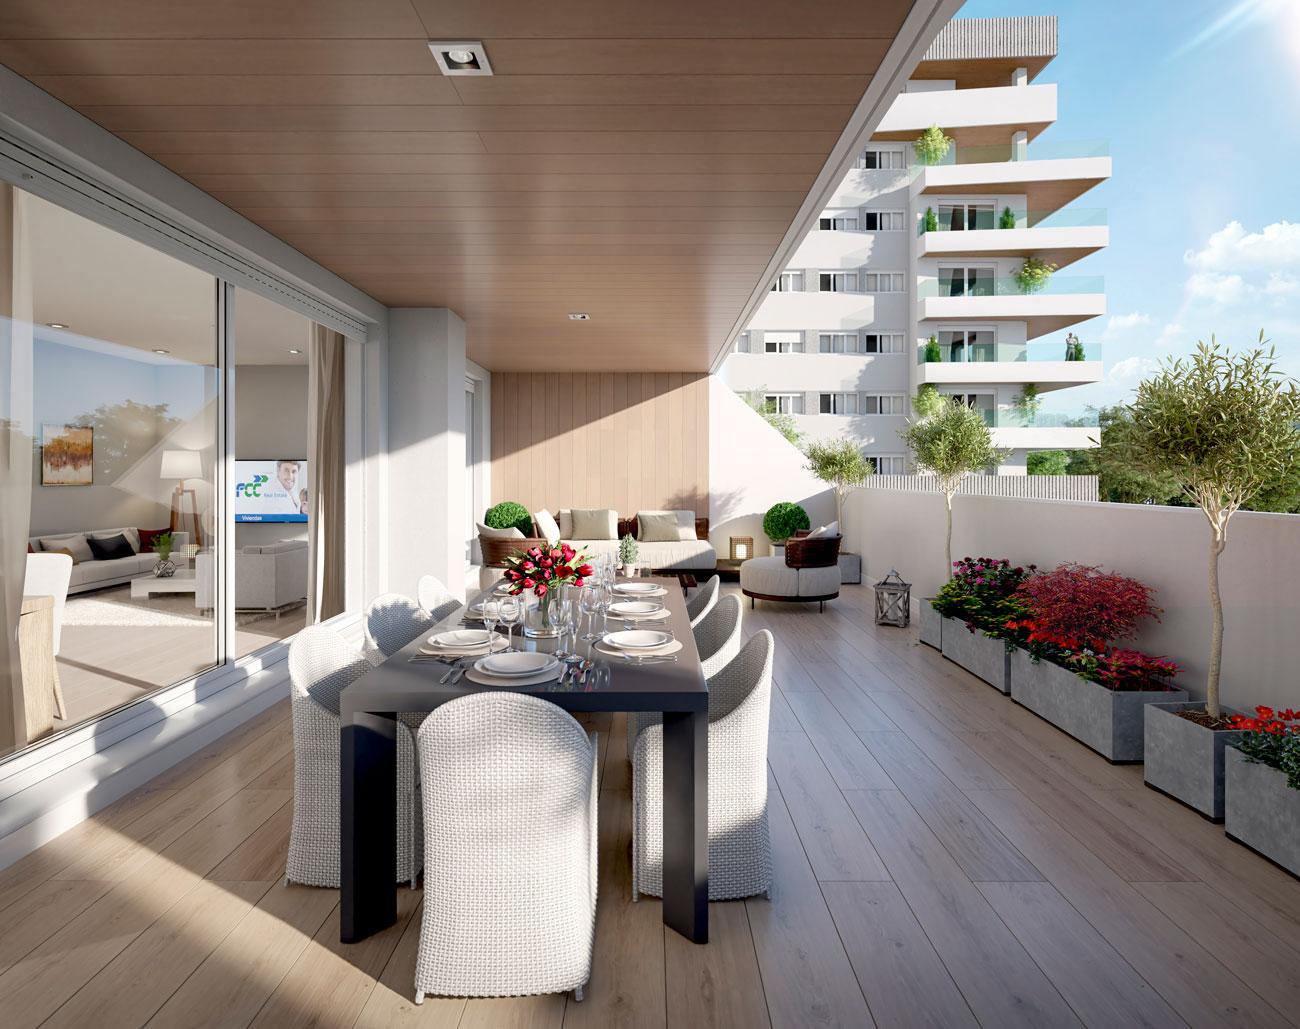 La mejor inmobiliaria de Madrid es Optimacasa